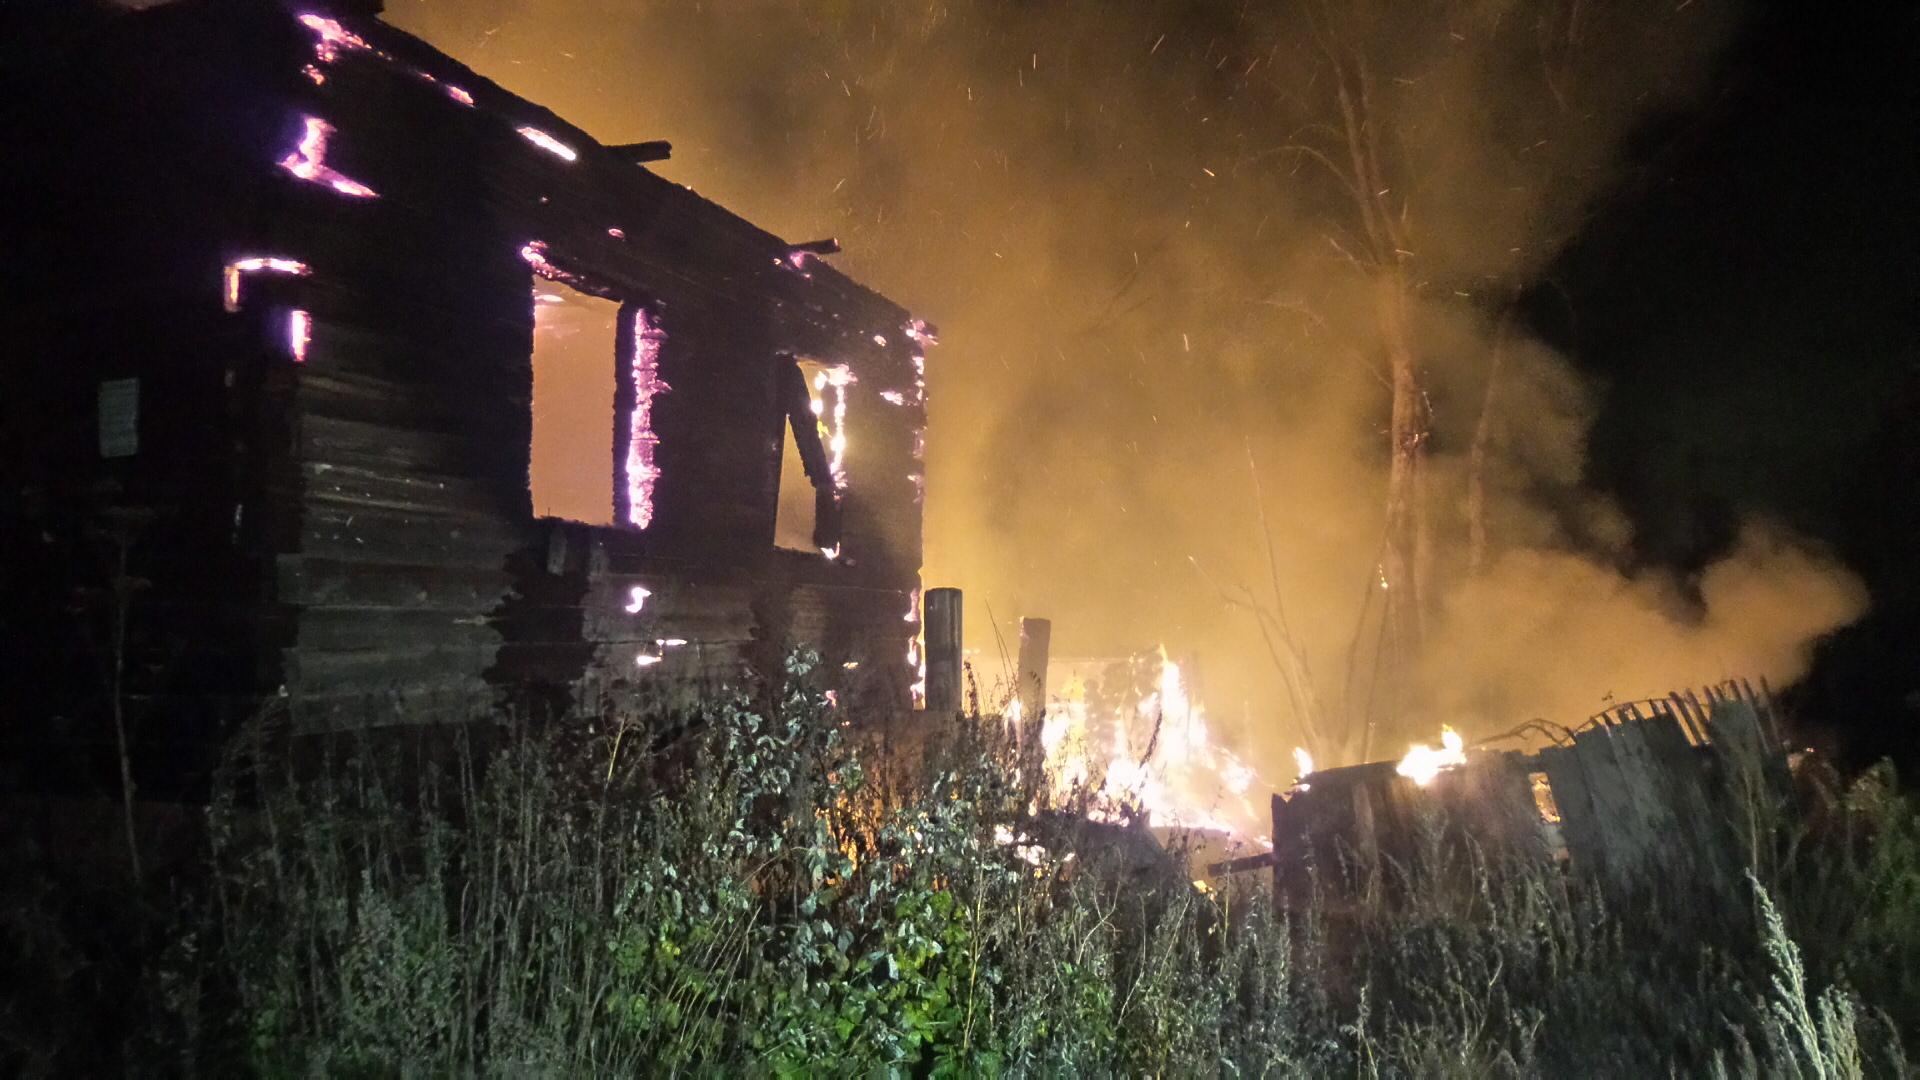 На Кутузова в заброшенном доме сгорел человек